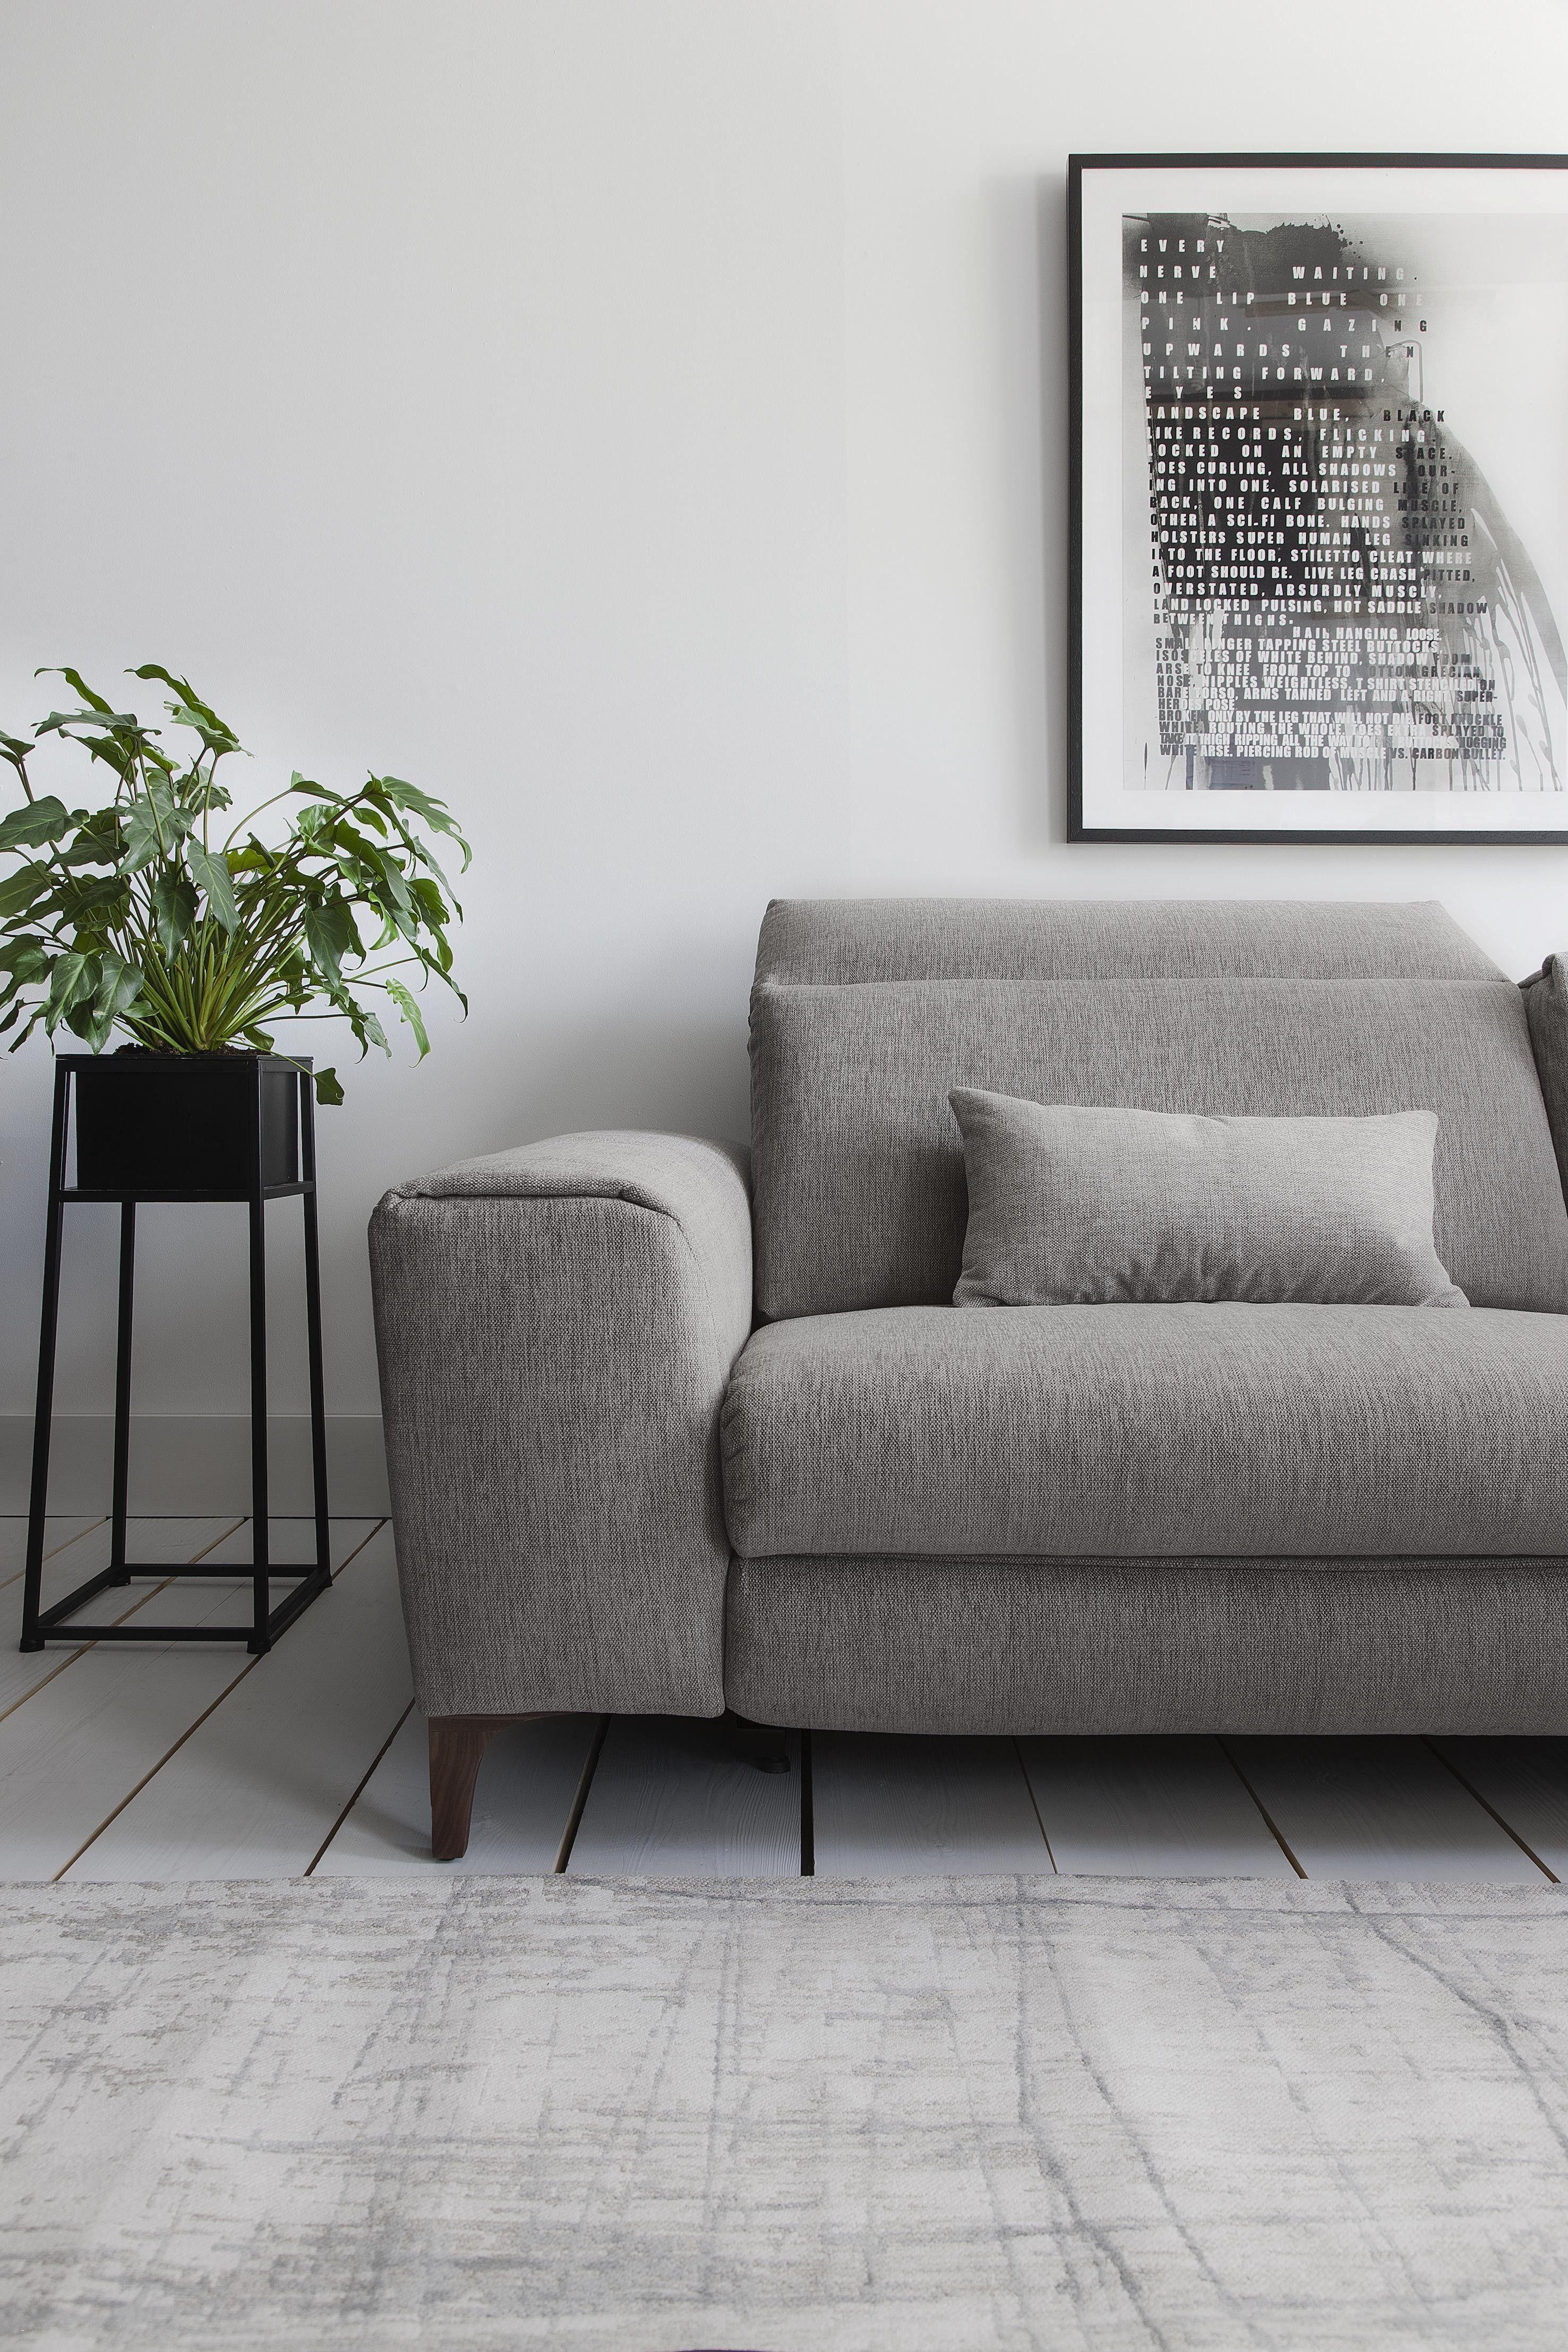 22 Frischem Smaragd Grun Sofa Sofamodelle Info Graue Couch Wohnzimmer Wohnzimmer Weiss Schwarze Wohnzimmer